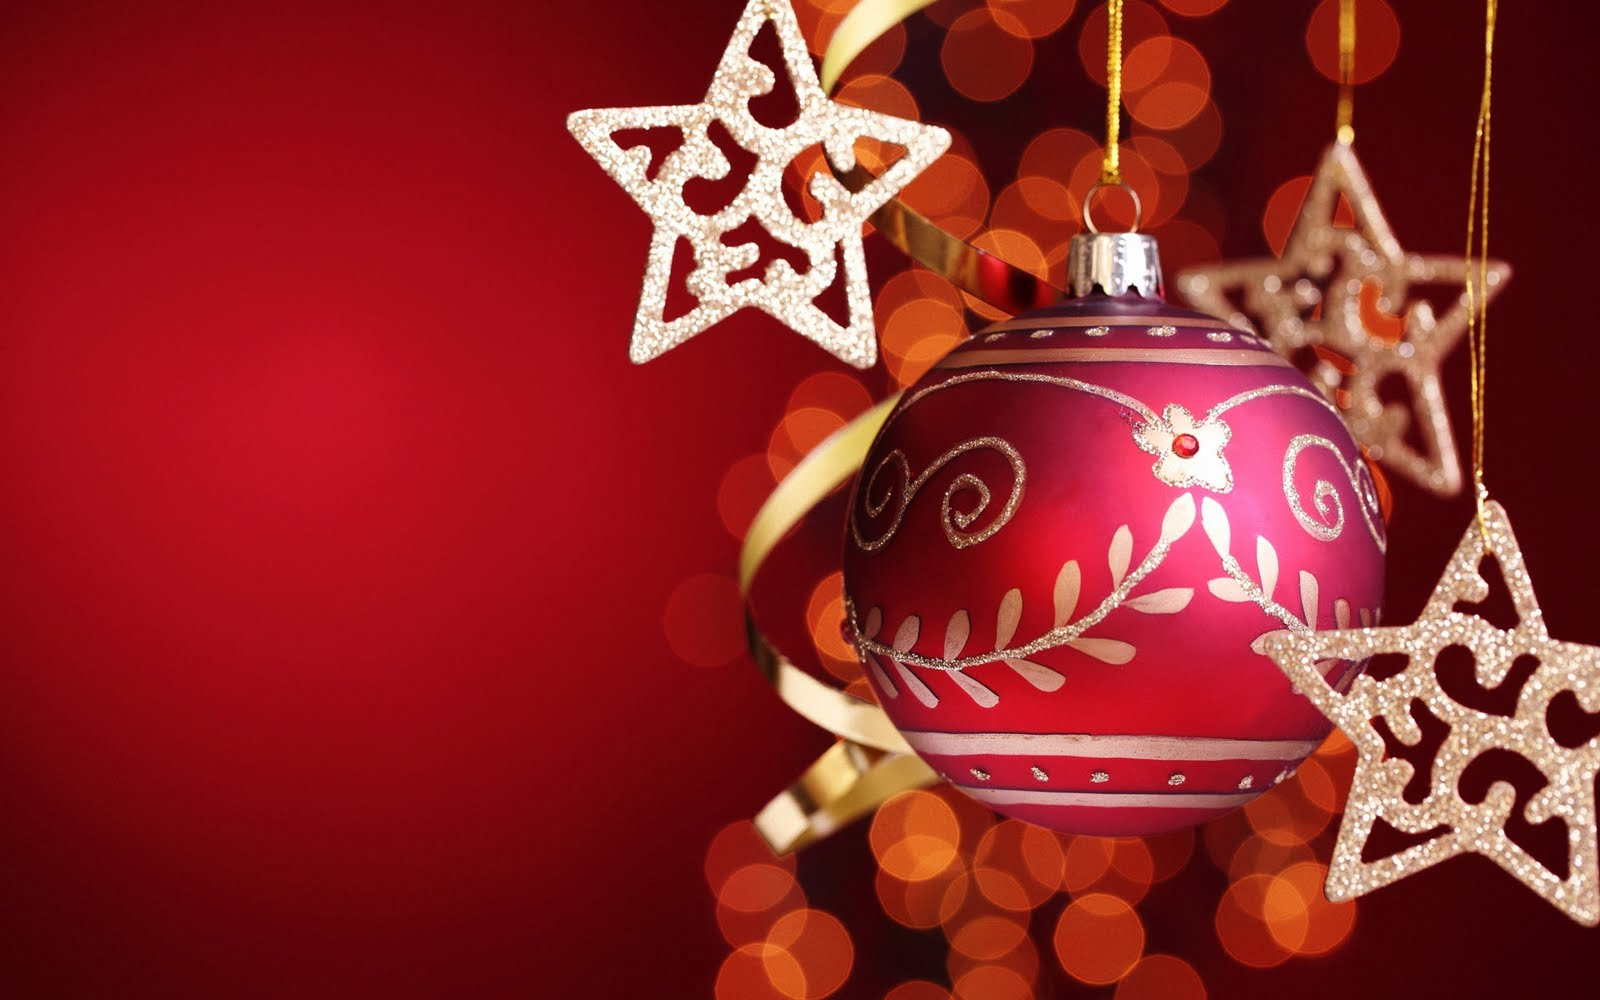 Imagem de Fundo - Bola de Natal e estrelas penduradas